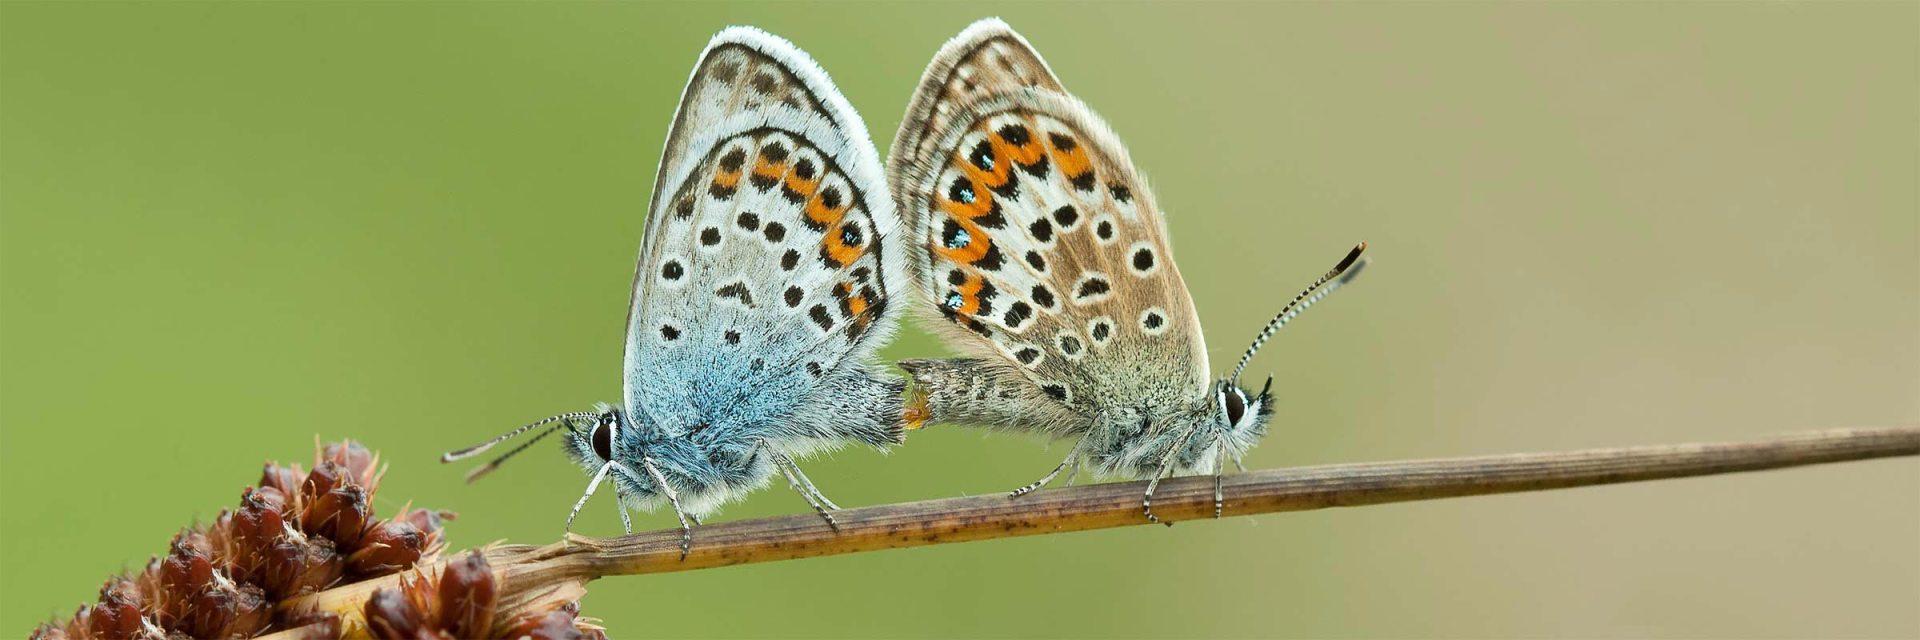 macrosfotografie, rupsen, vlinders, libellen